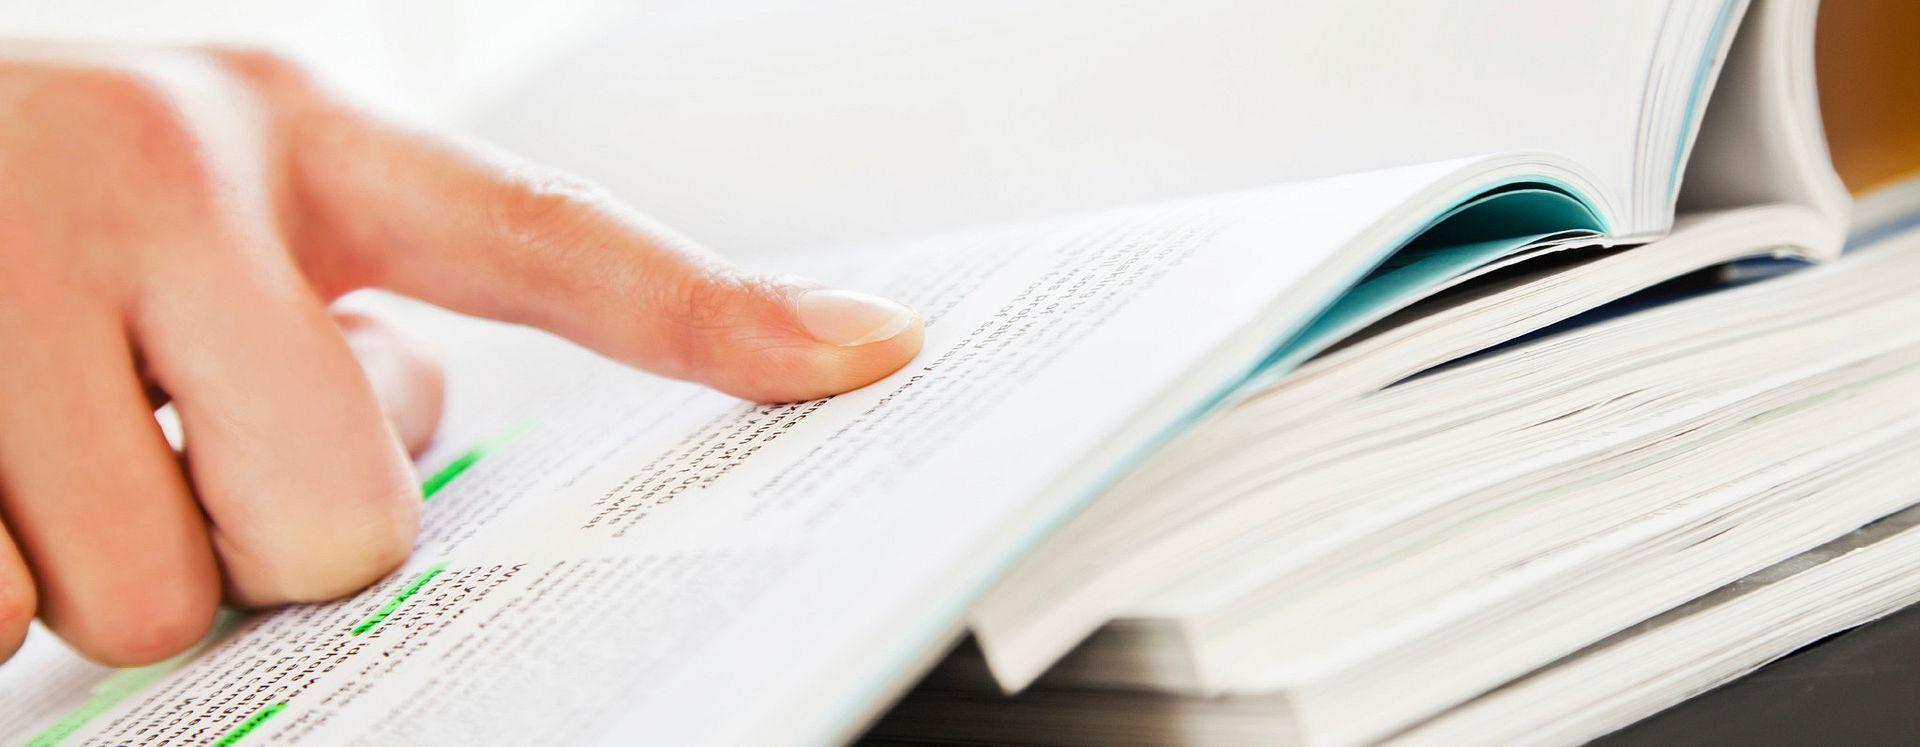 Person reading through terms